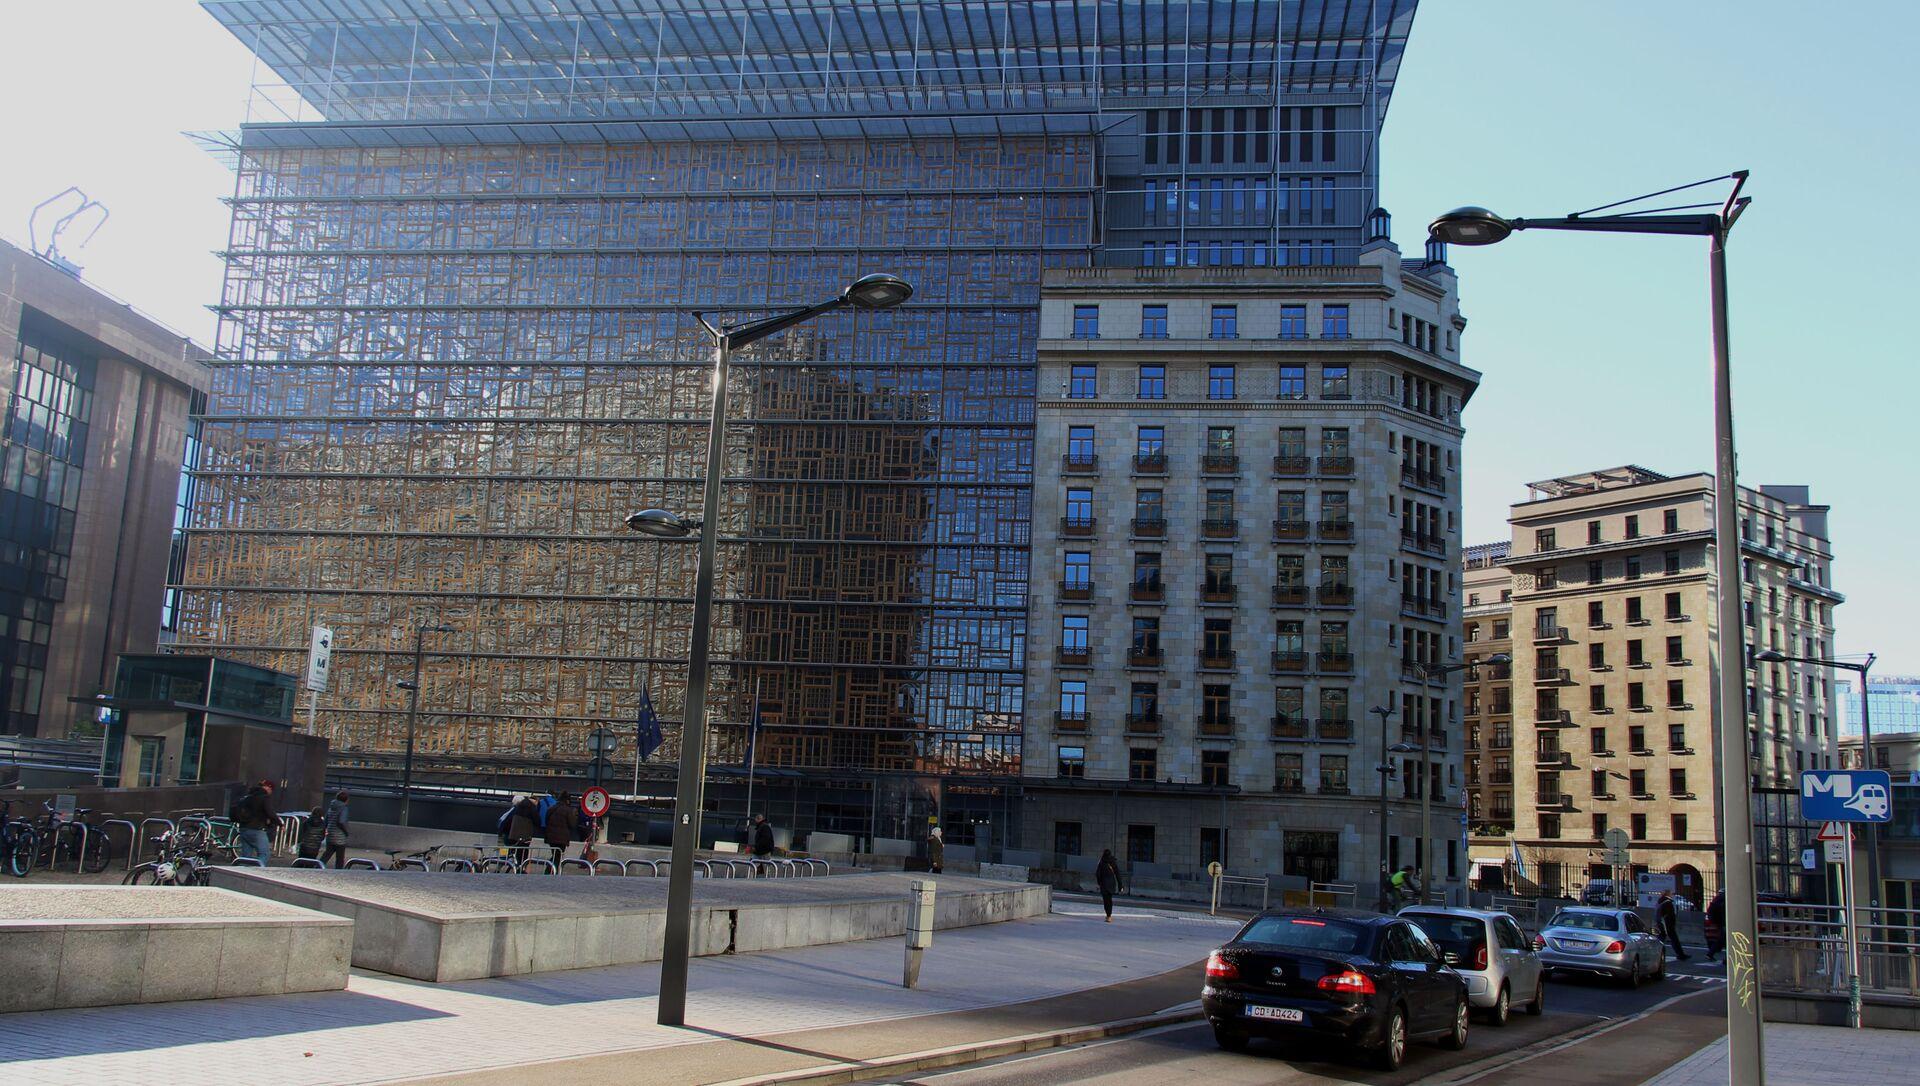 Le bâtiment Europa à Bruxelles (archive photo) - Sputnik France, 1920, 12.08.2021